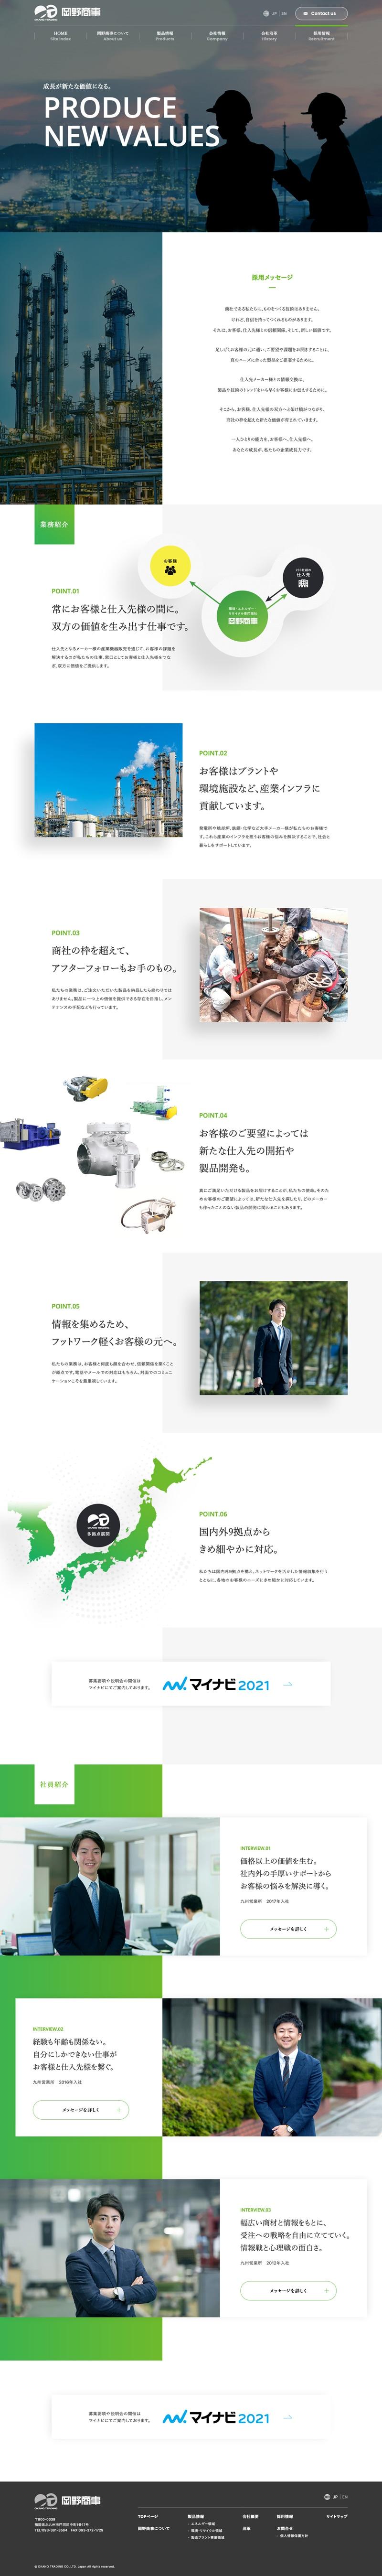 岡野商事株式会社|コーポレートサイト「採用情報」特設ページ